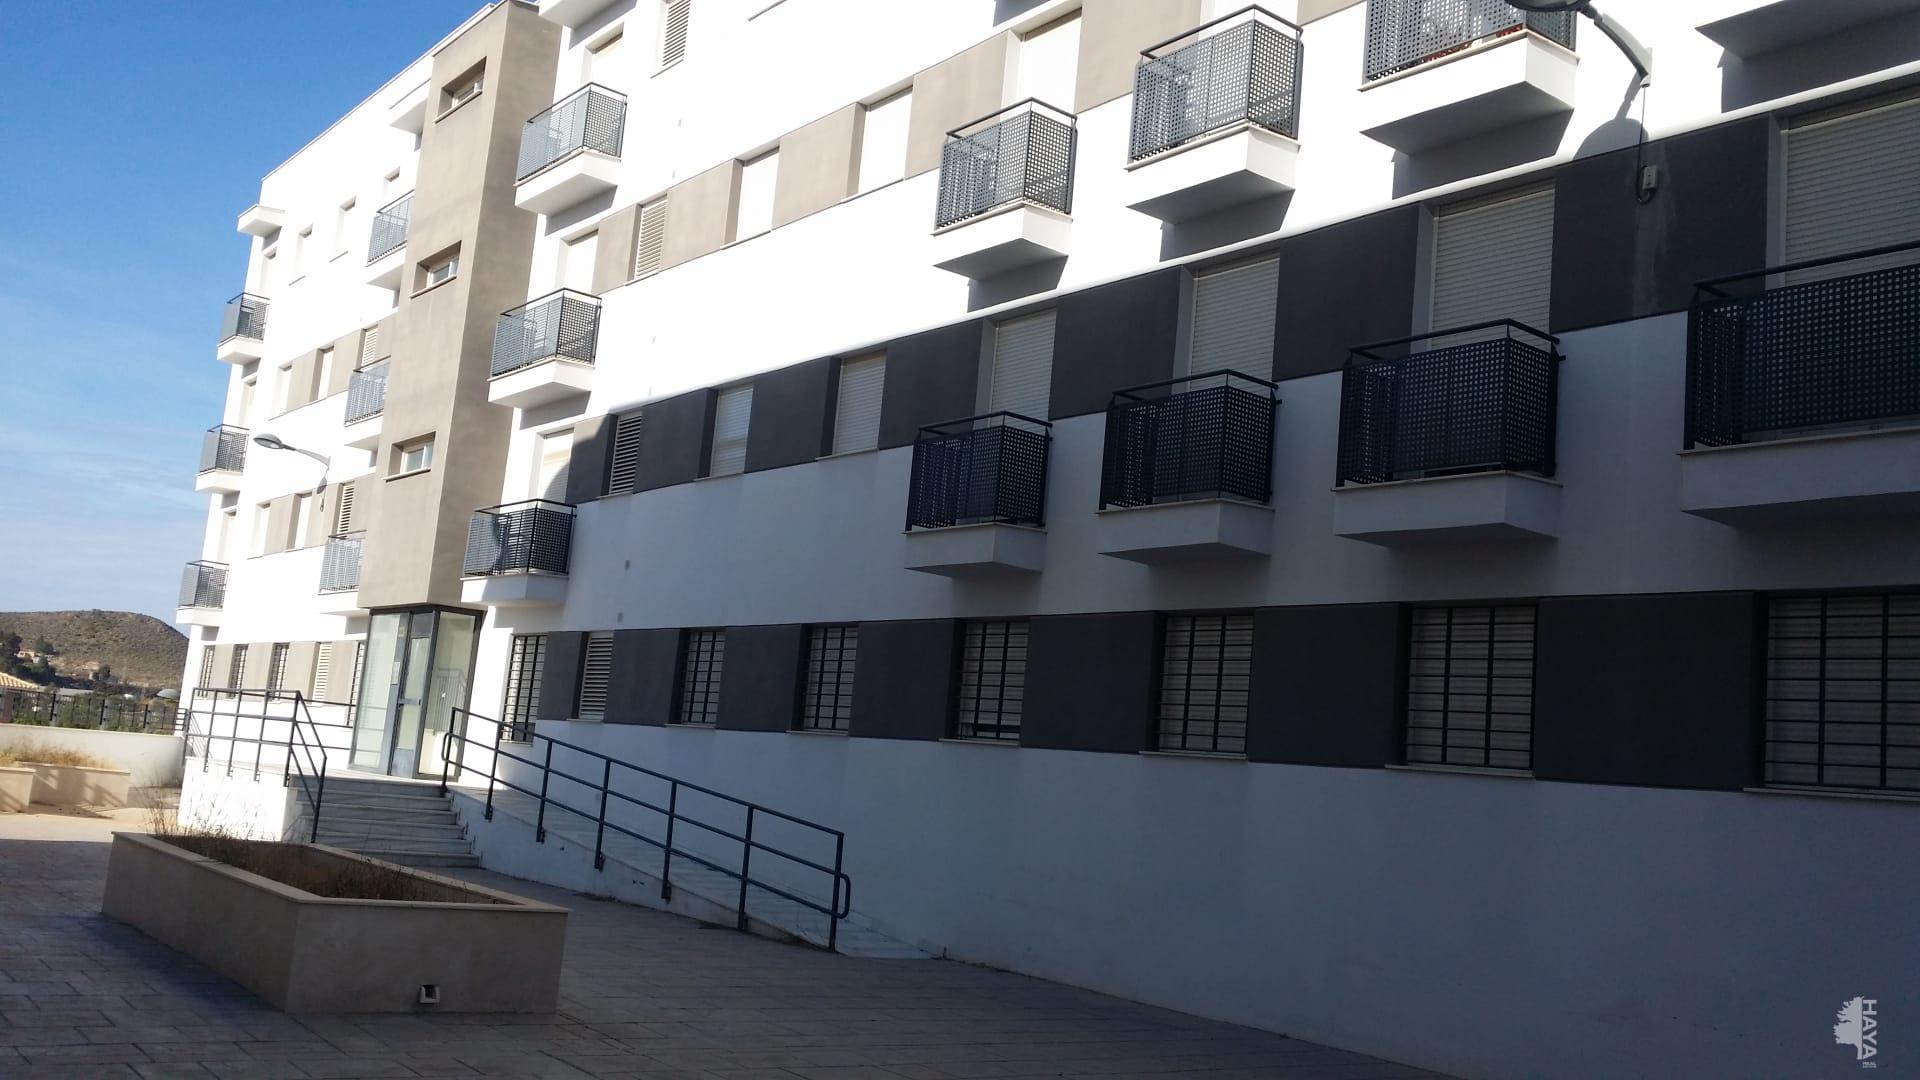 Piso en venta en Huitar Mayor, Olula del Río, Almería, Calle Alta, 59.300 €, 3 habitaciones, 1 baño, 98 m2